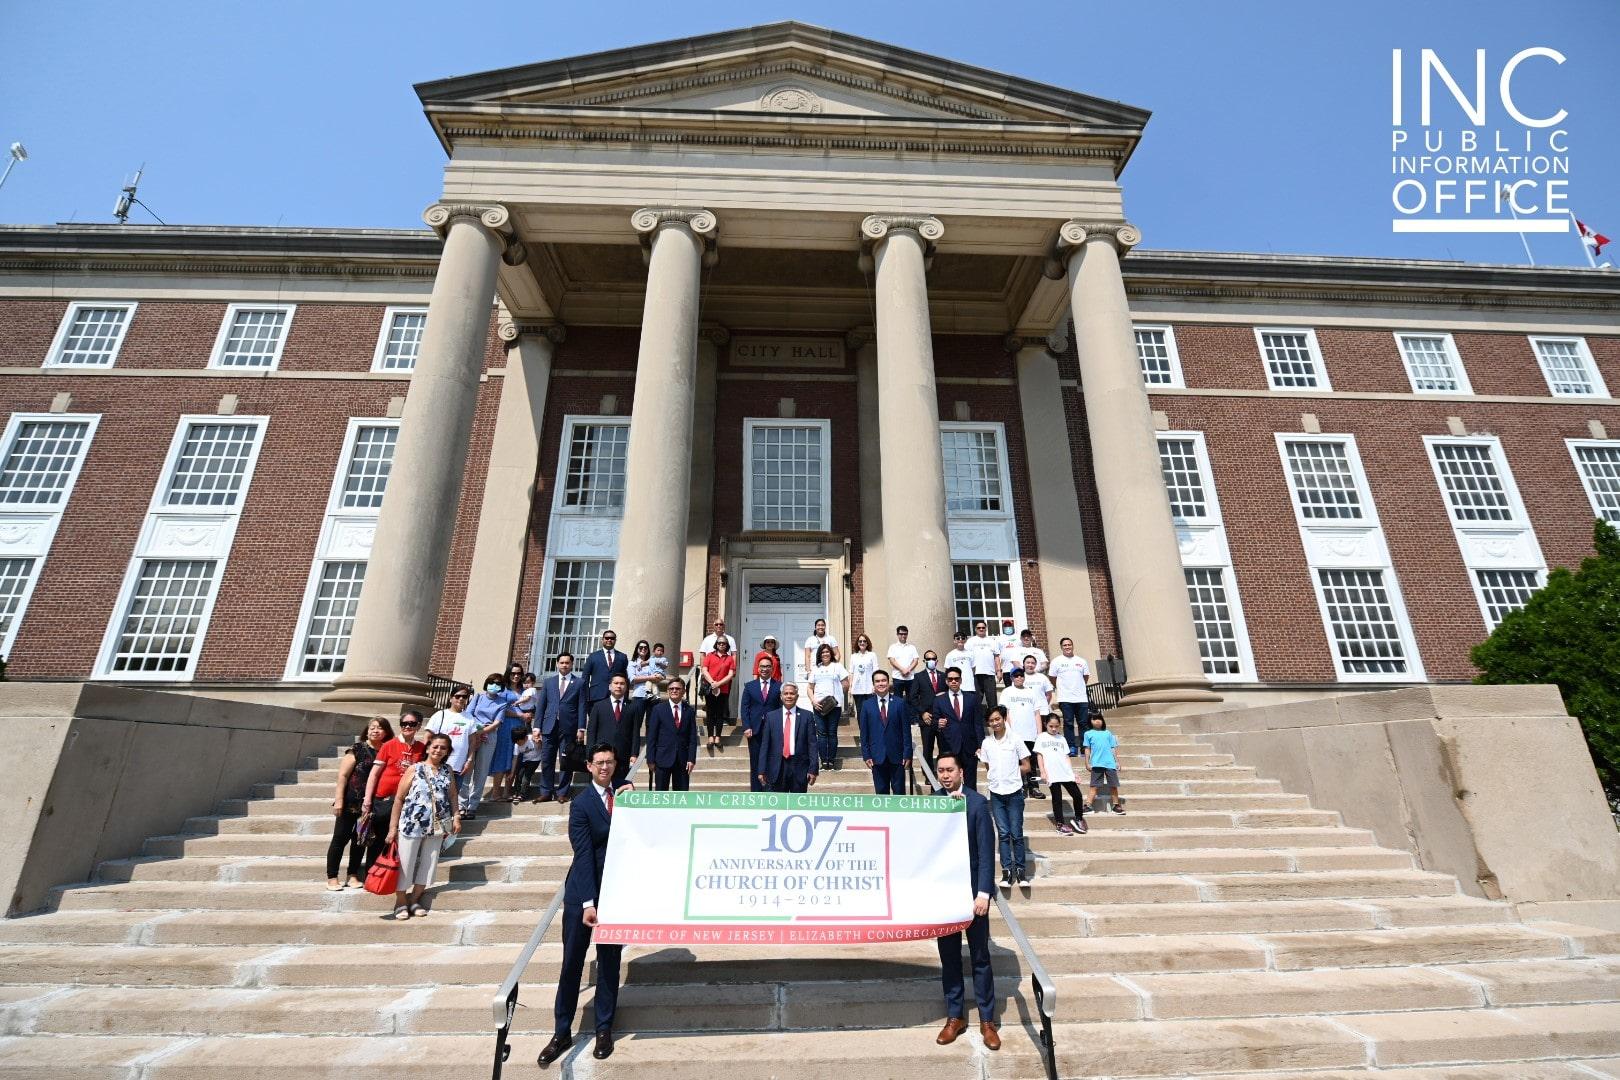 Iglesia Ni Cristo (INC) Day declared in Elizabeth, New Jersey